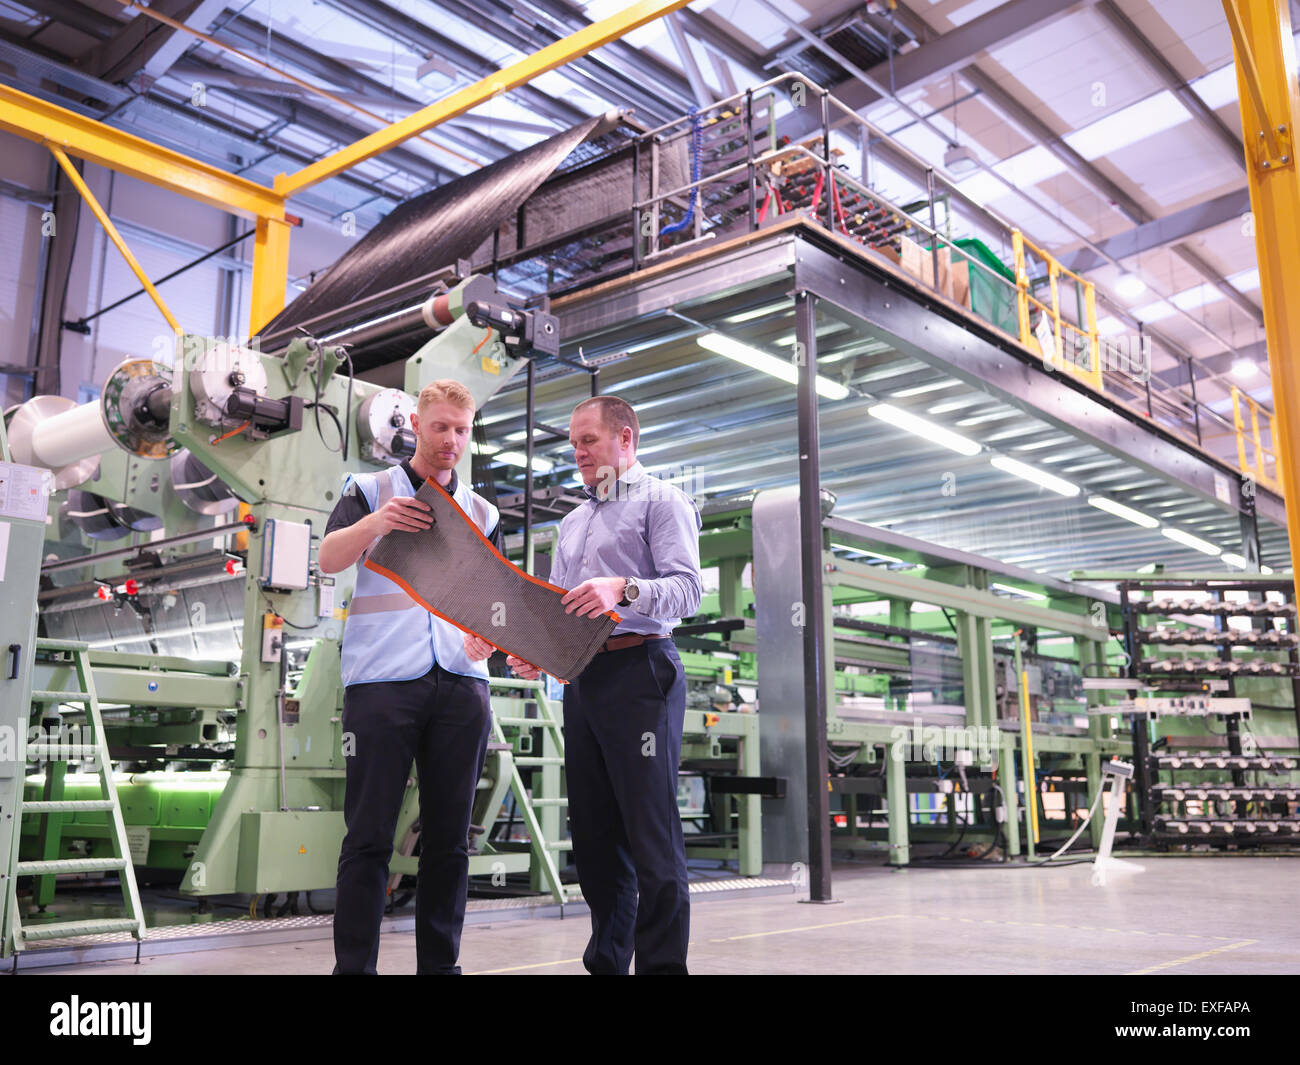 Los trabajadores inspección de fibra de carbono muestra en fábrica de fibra de carbono Imagen De Stock